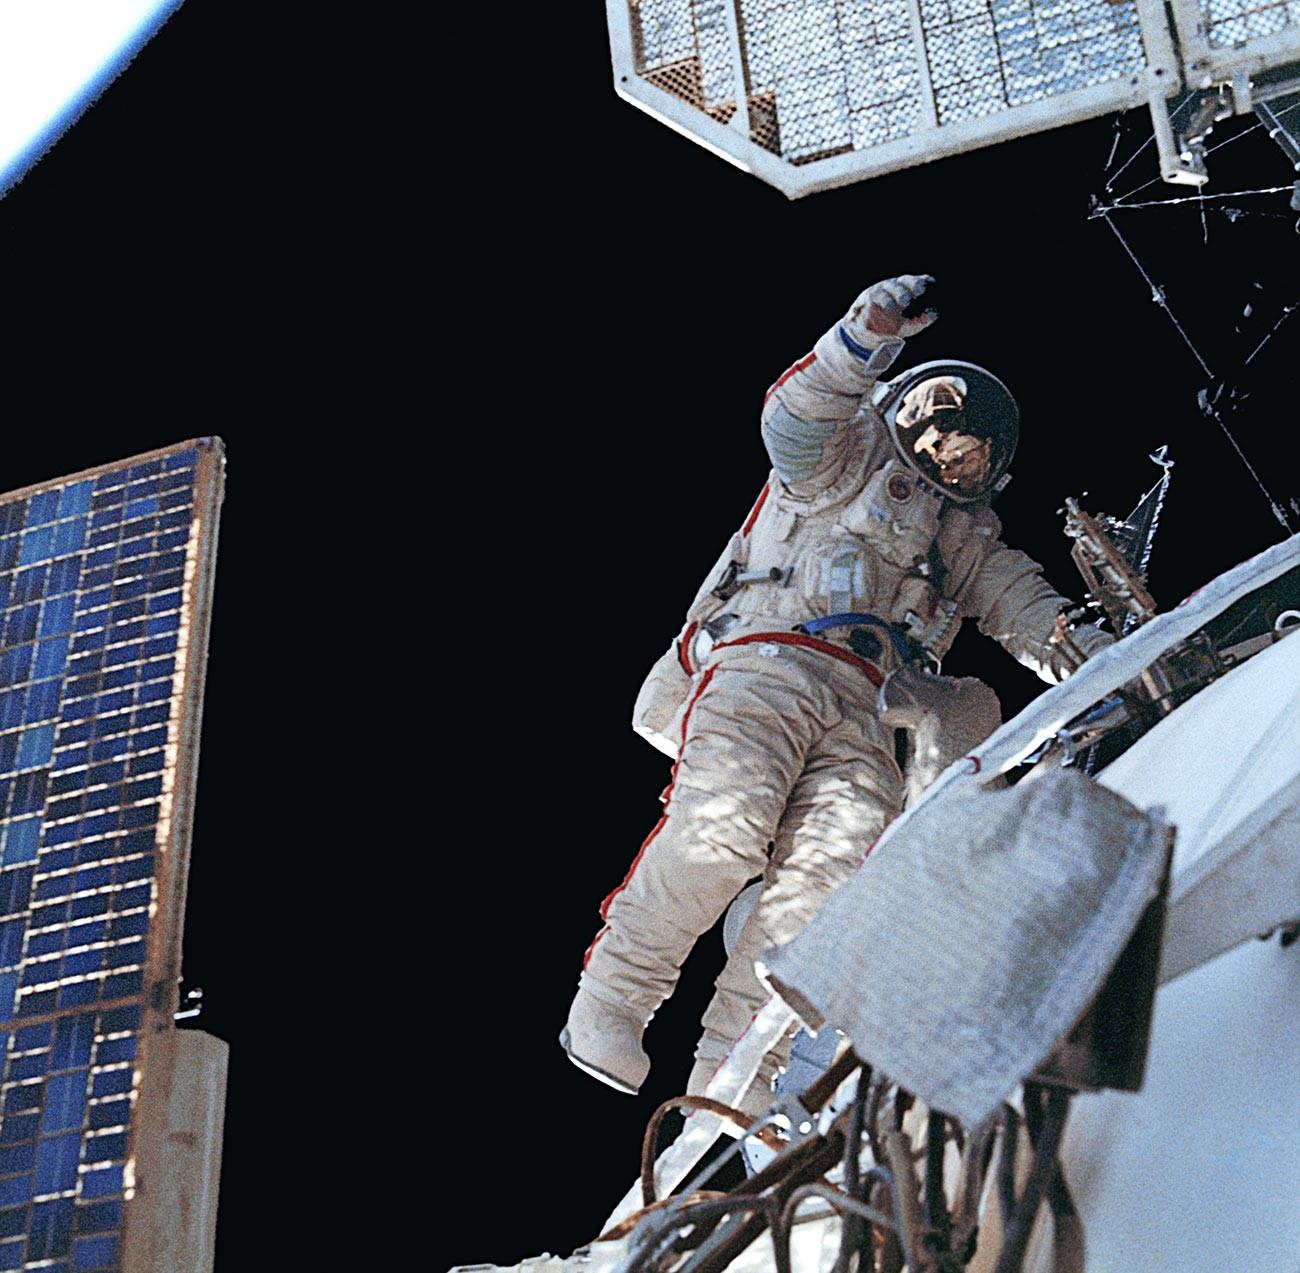 Il cosmonauta Aleksandr Volkov durante una passeggiata spaziale